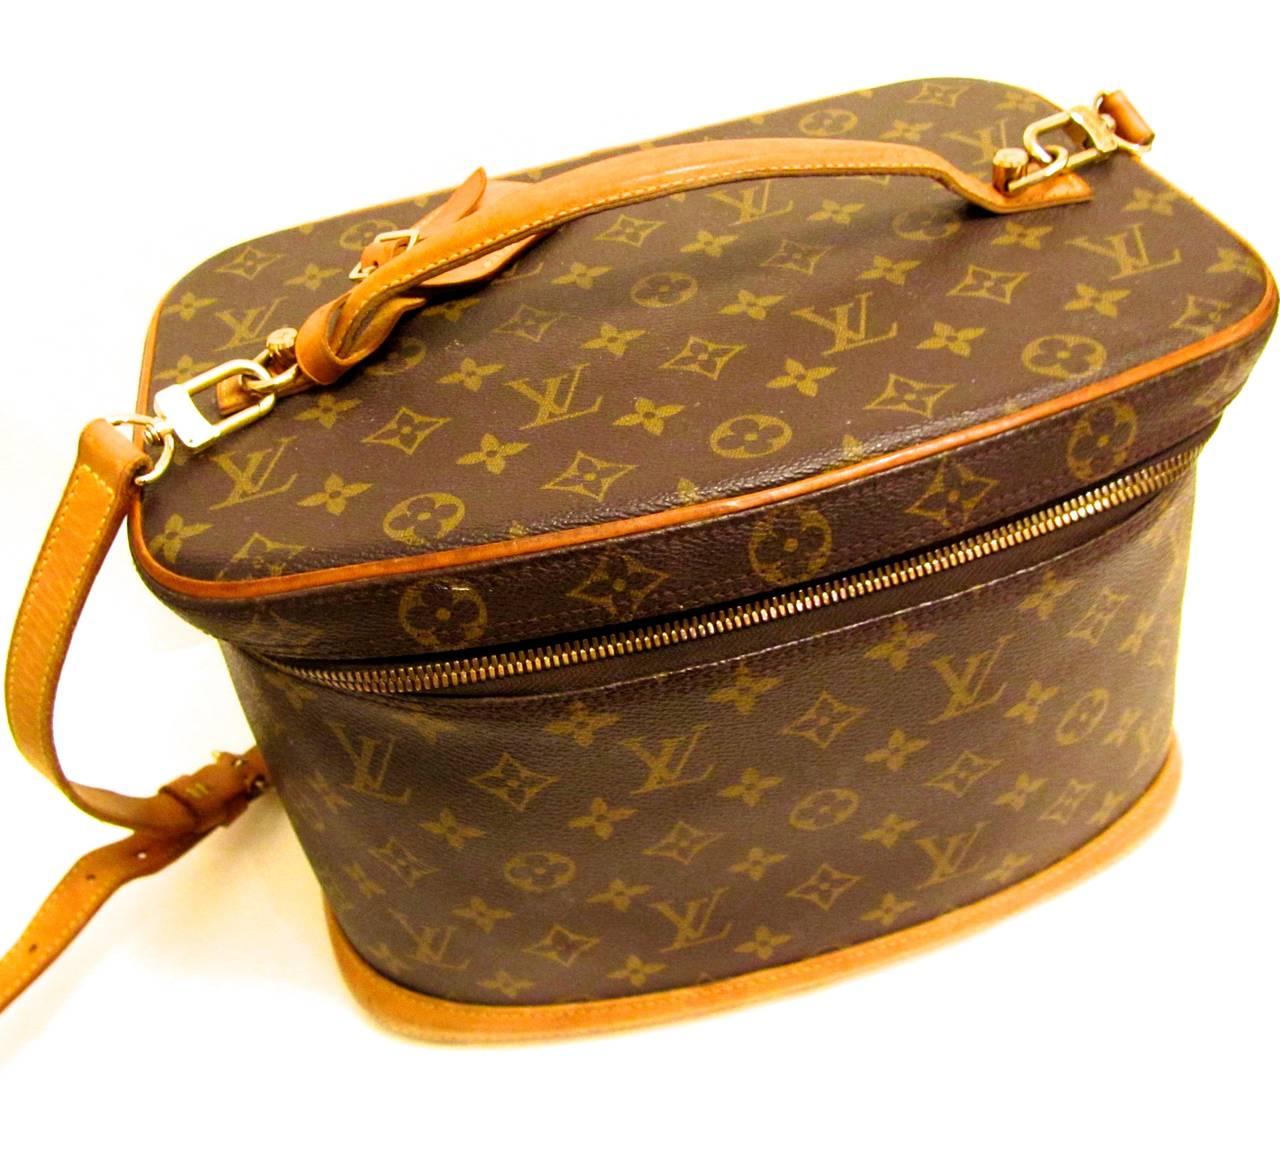 Louis Vuitton Train Case / Traveling Makeup Bag 6